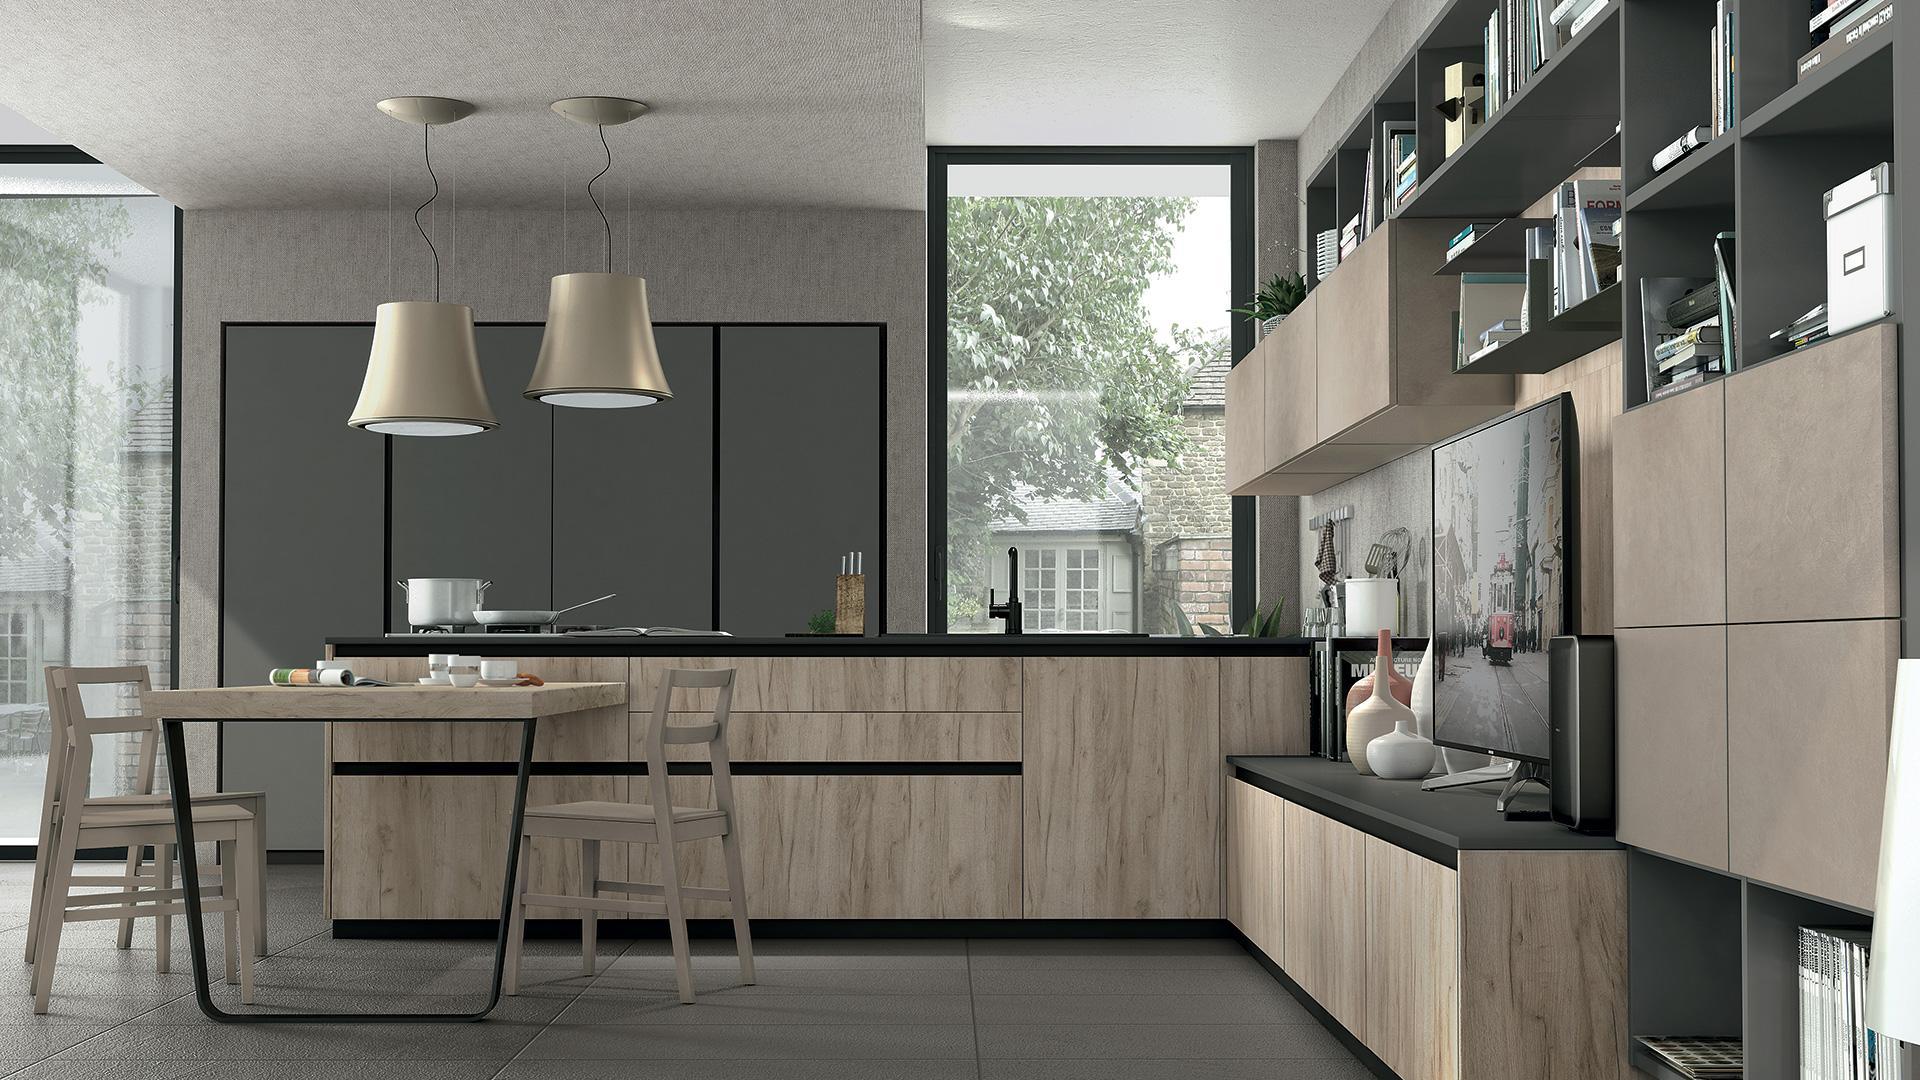 Cucine moderne arredare in uzzano soluzioni arredamento for Soggiorni lube prezzi